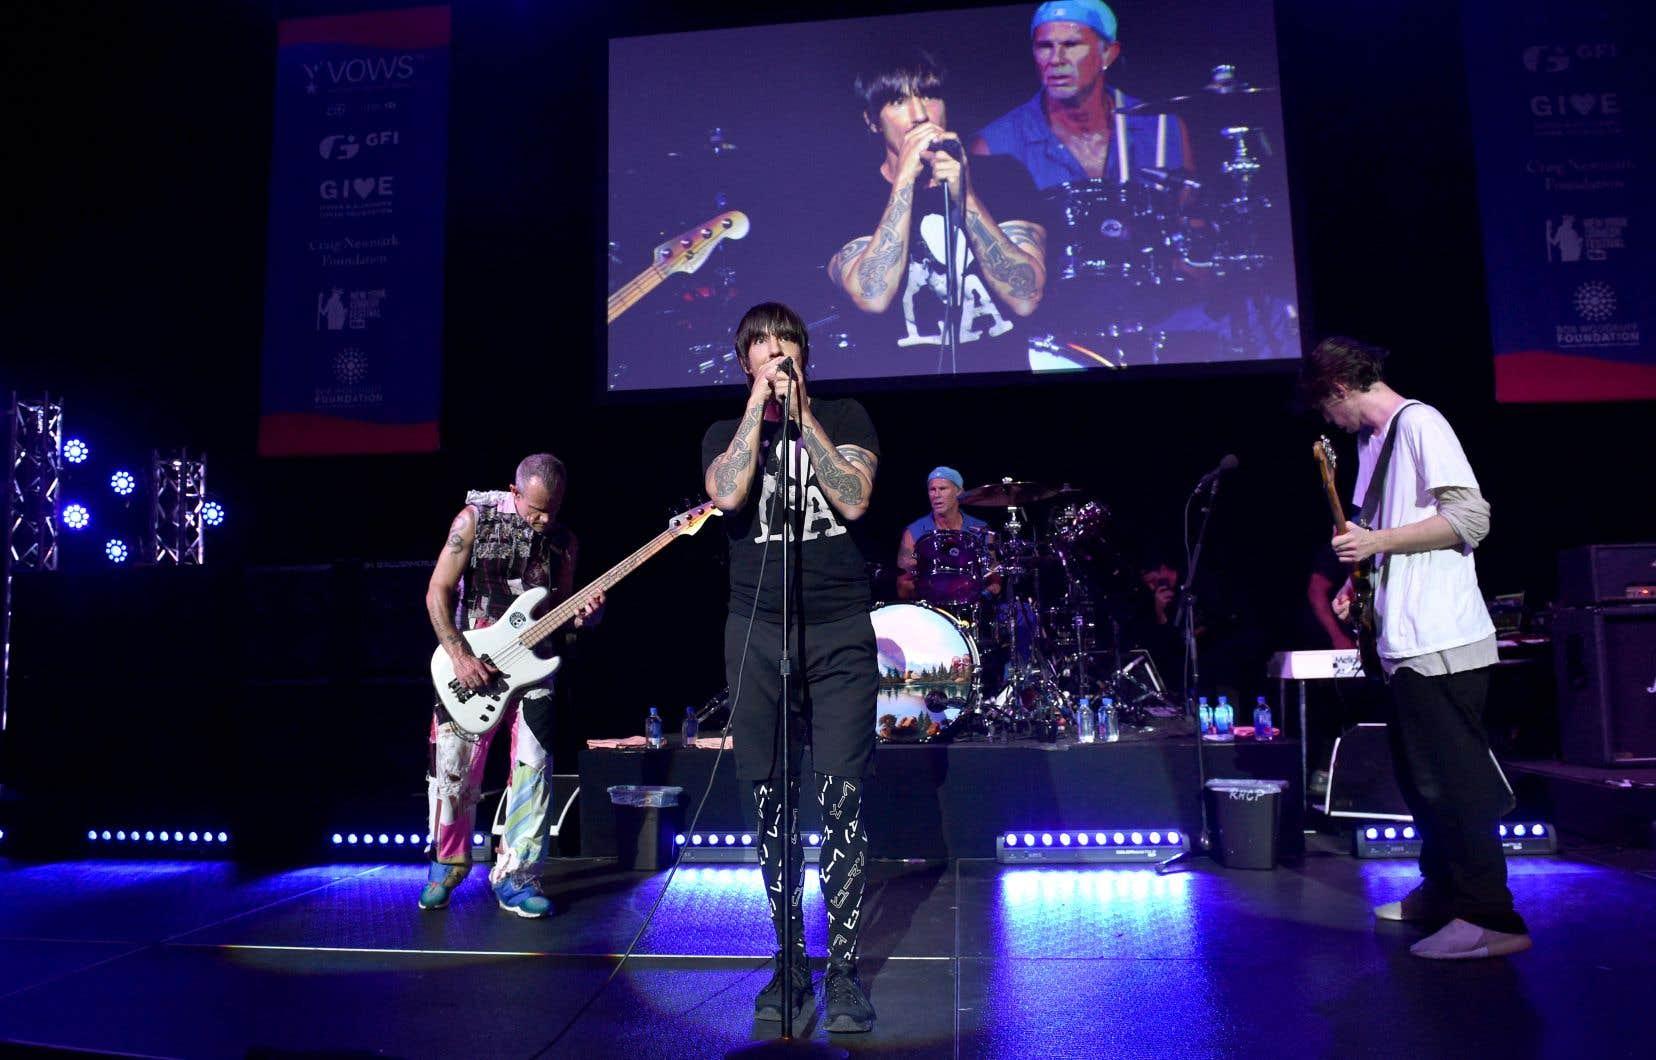 Au total, la bande déjantée emmenée par le chanteur Anthony Kiedis et le bassiste Flea a placé sept albums dans le top 10 des ventes aux États-Unis, dont «Californication», qui s'est vendu à plus de 15millions d'exemplaires dans le monde.